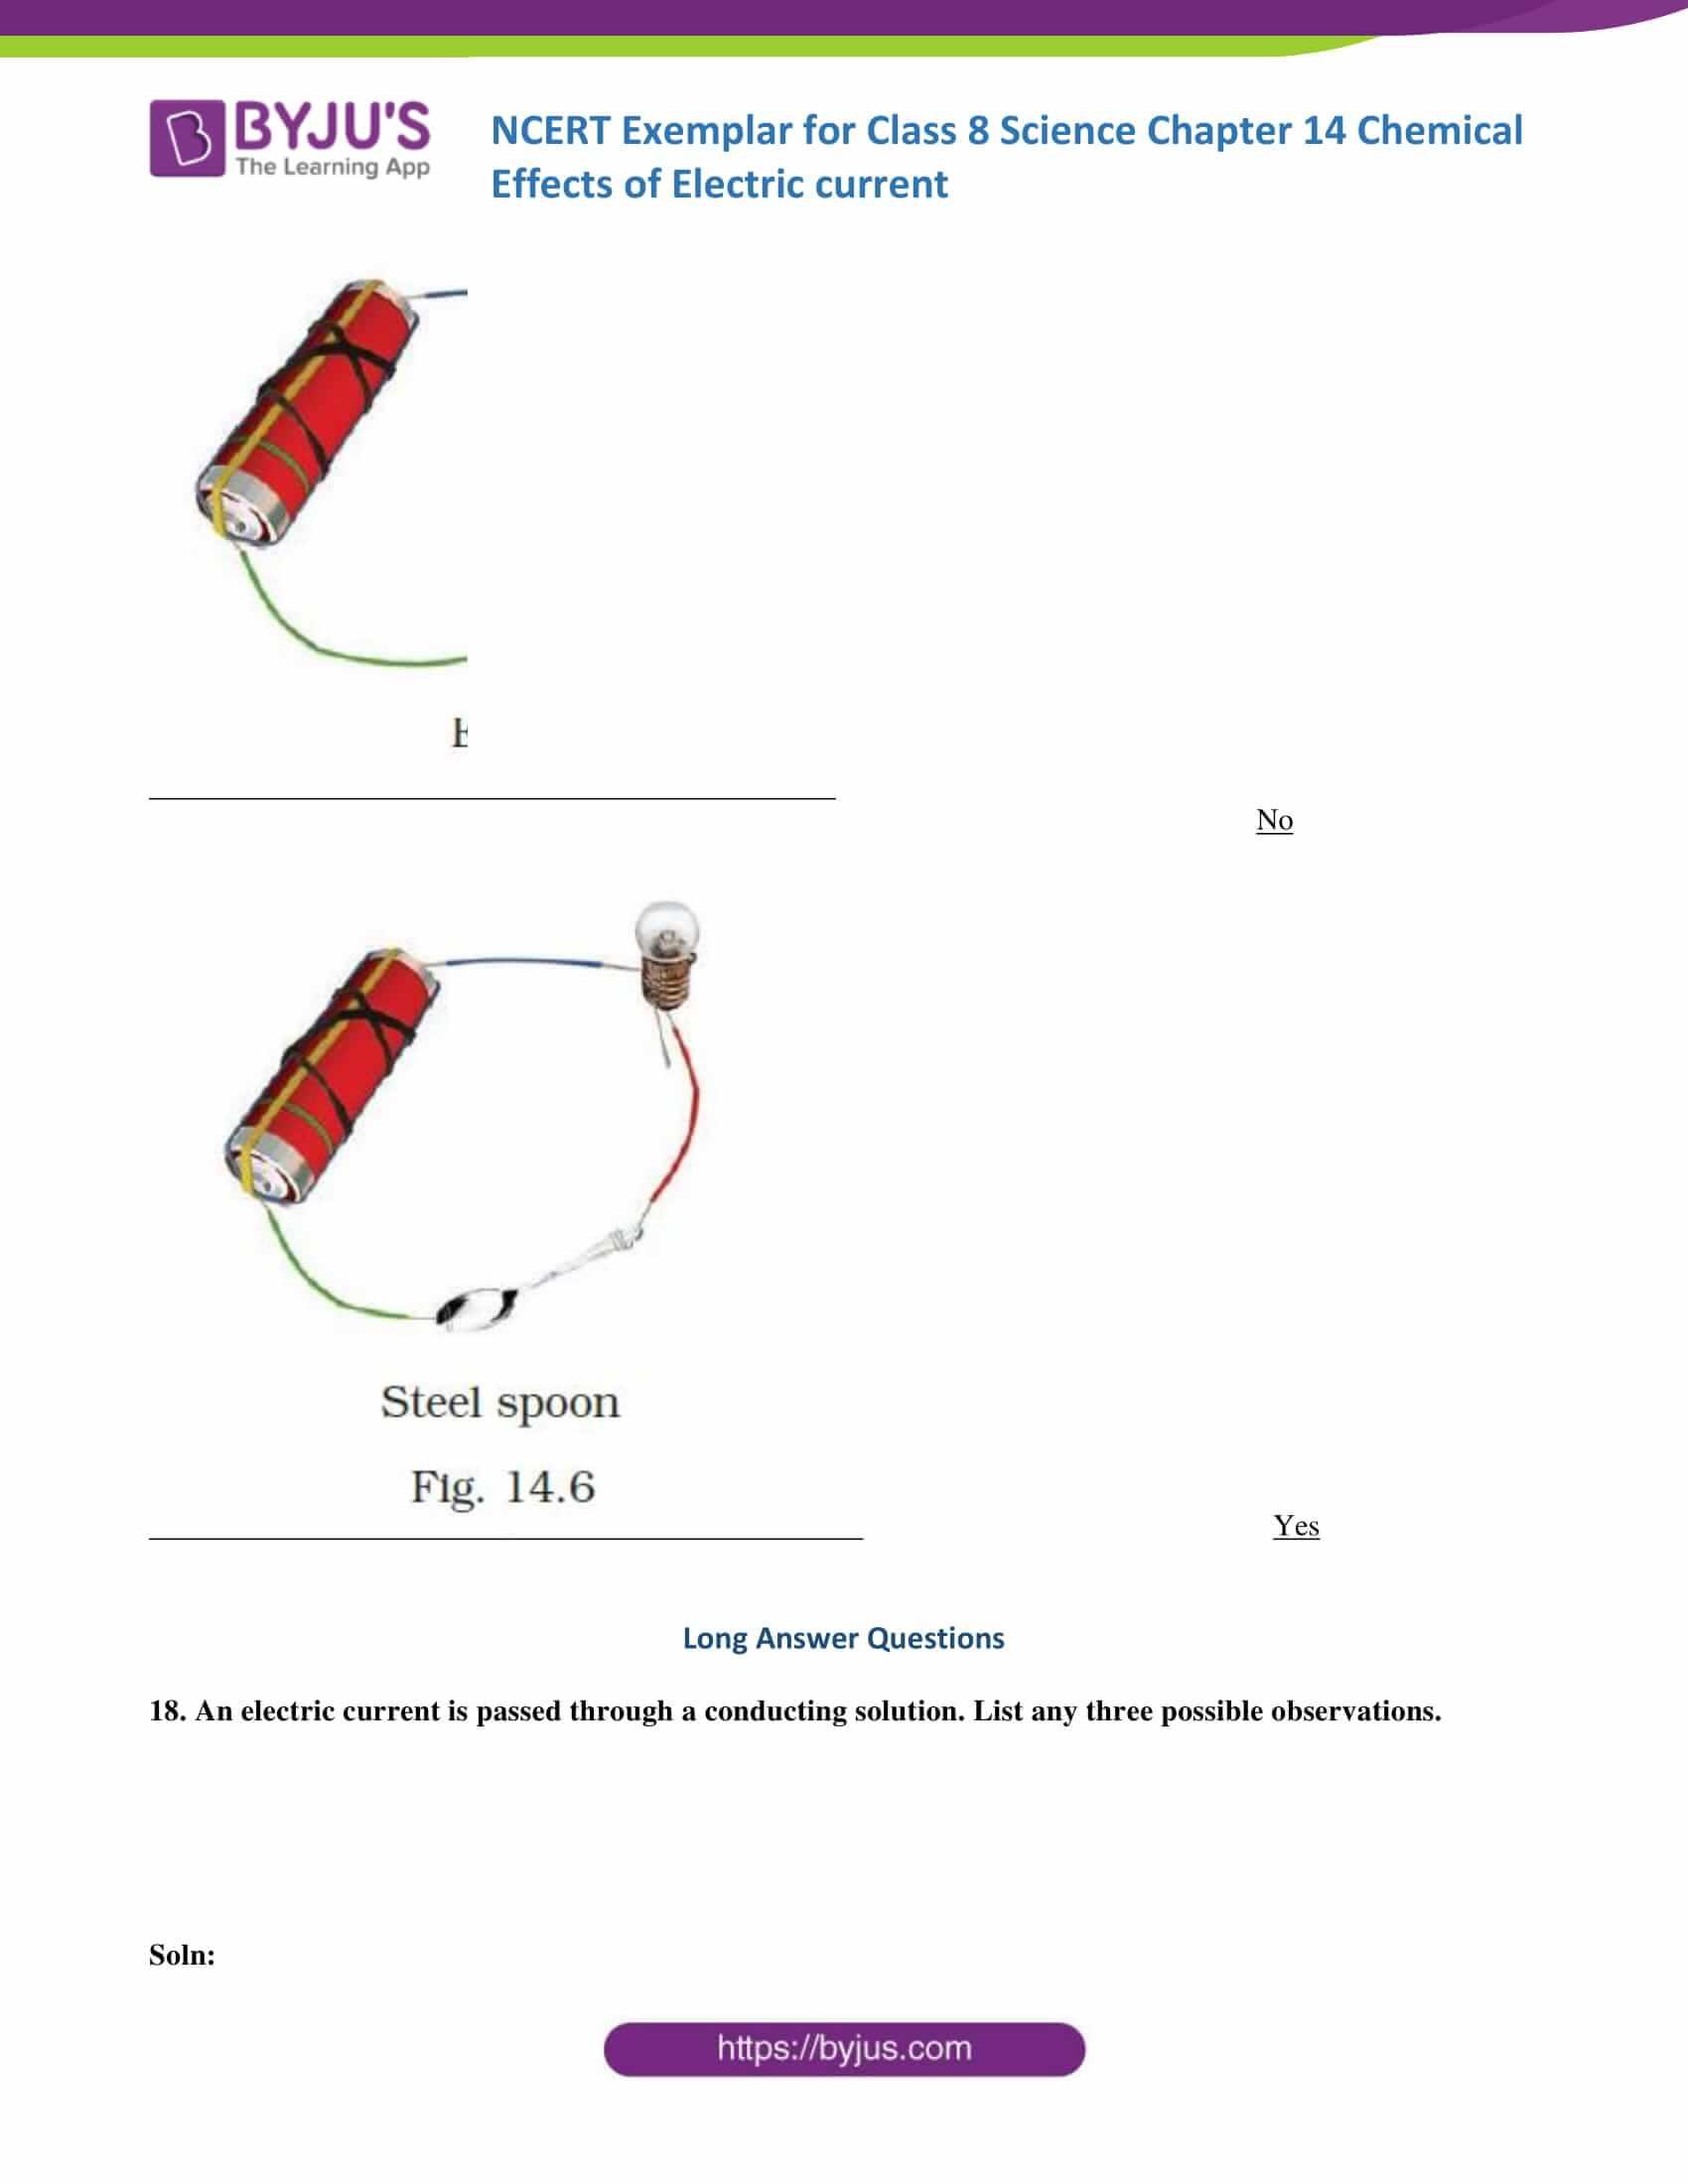 NCERT Exemplar solution class 8 science chapter 14 part 09